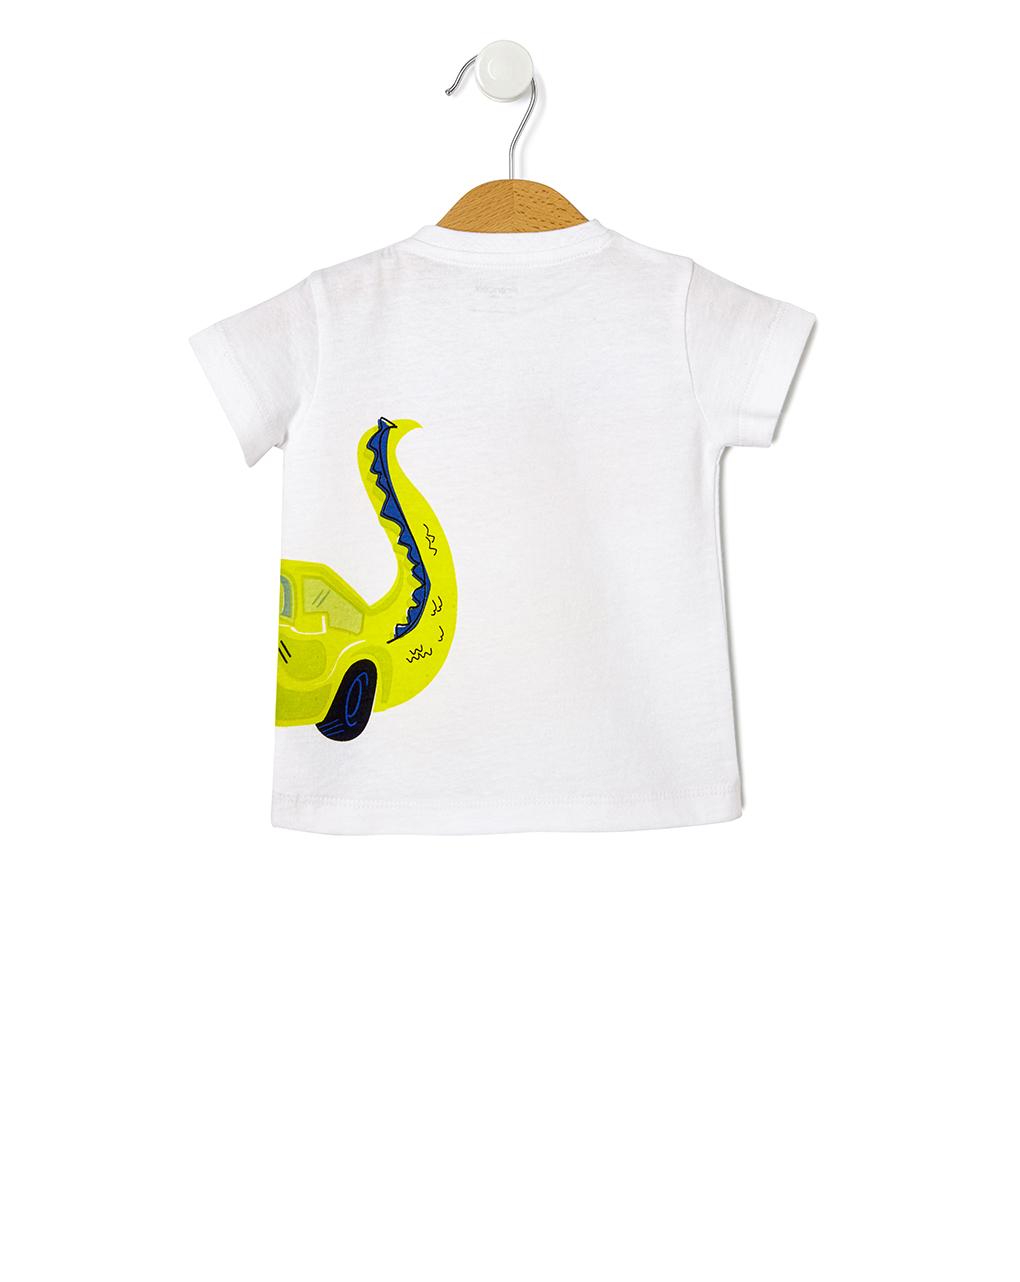 Camiseta estampada de crocodilo - Prénatal